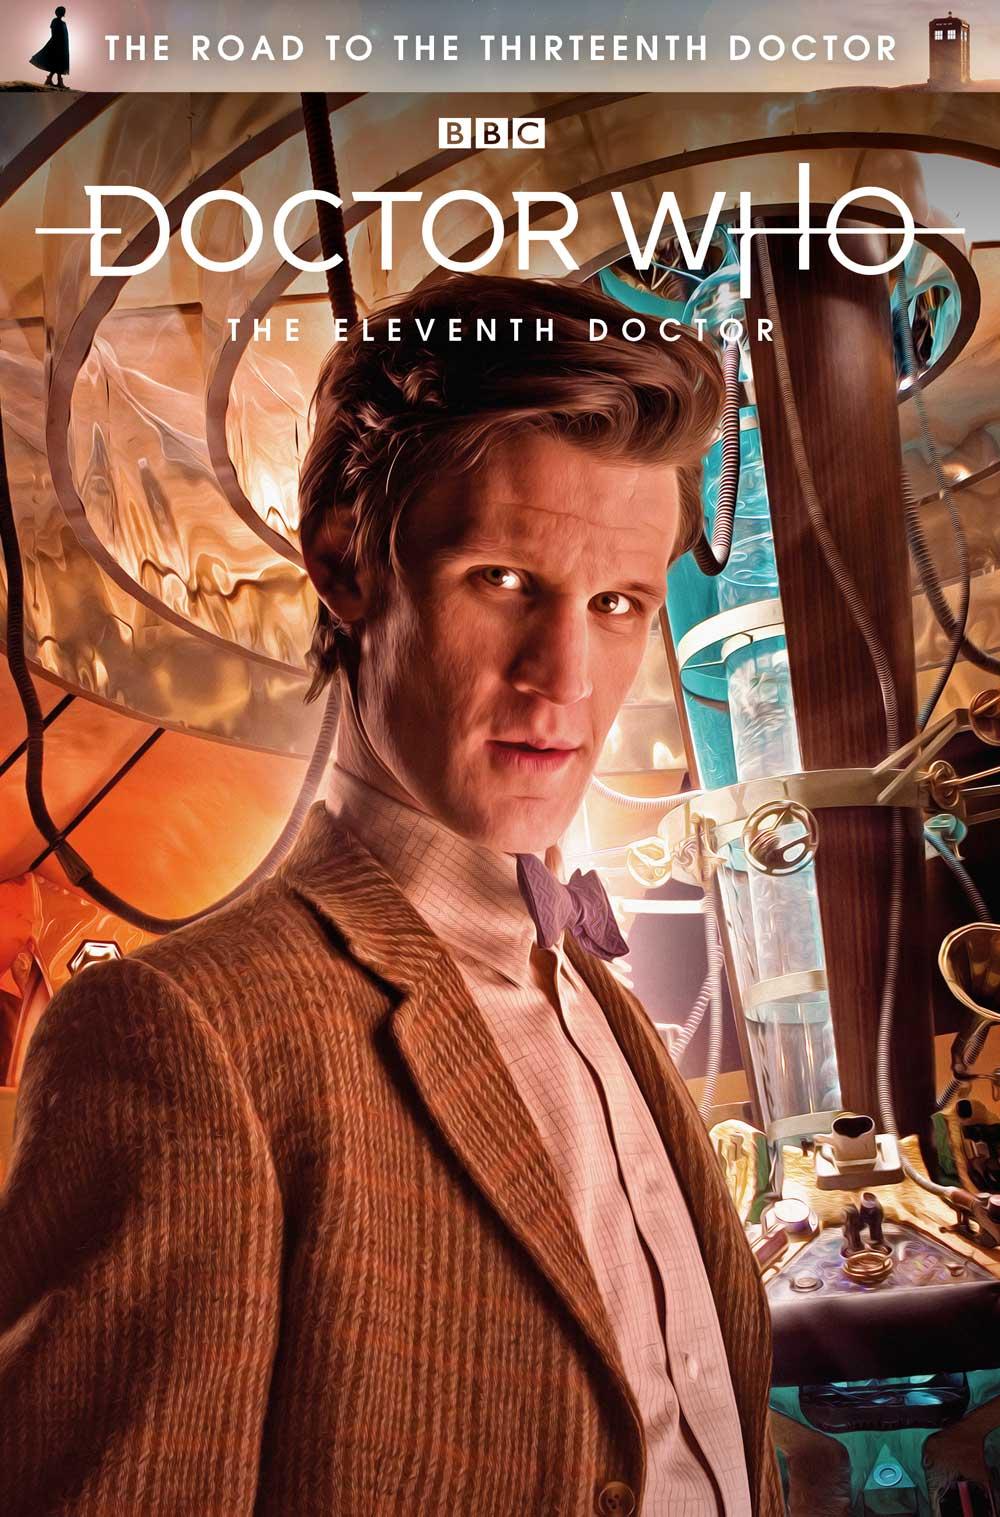 Titán y BBC anuncian el evento Doctor Who El camino hacia el decimotercer doctor